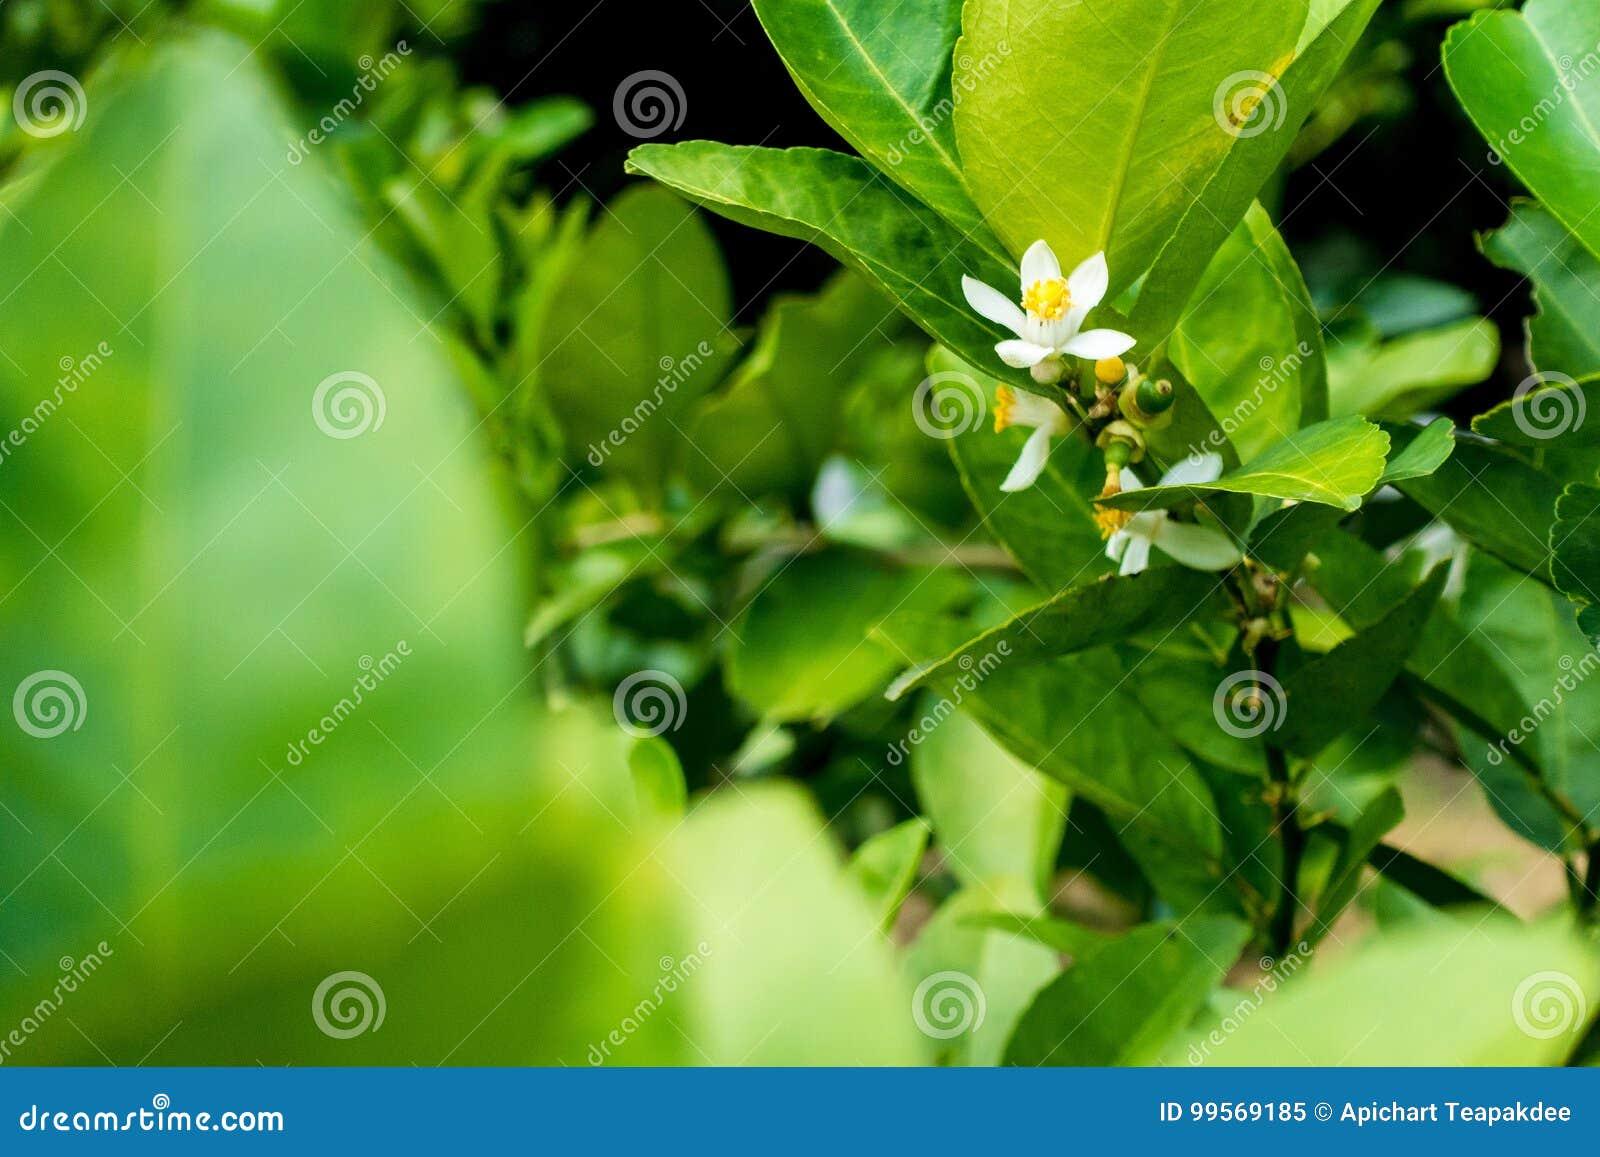 Blomma av limefrukt